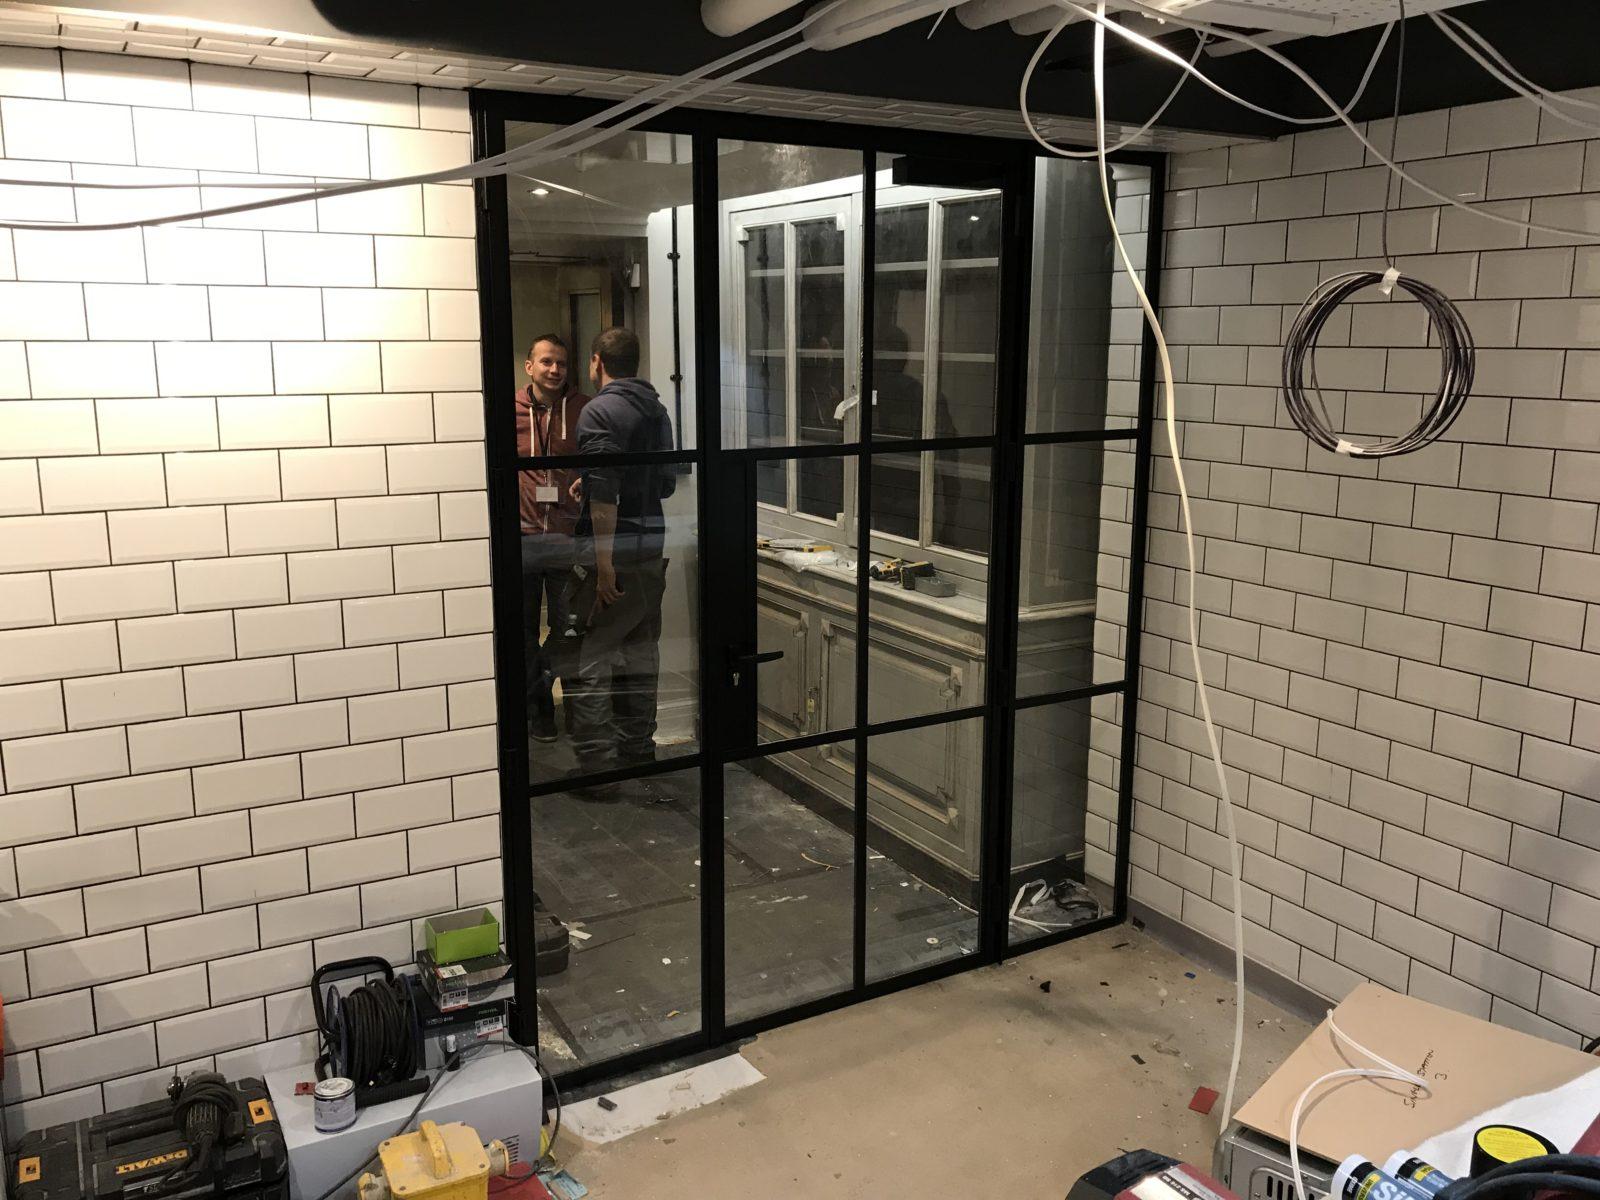 Fire Rated Steel Window and Door Langham Hotel 4